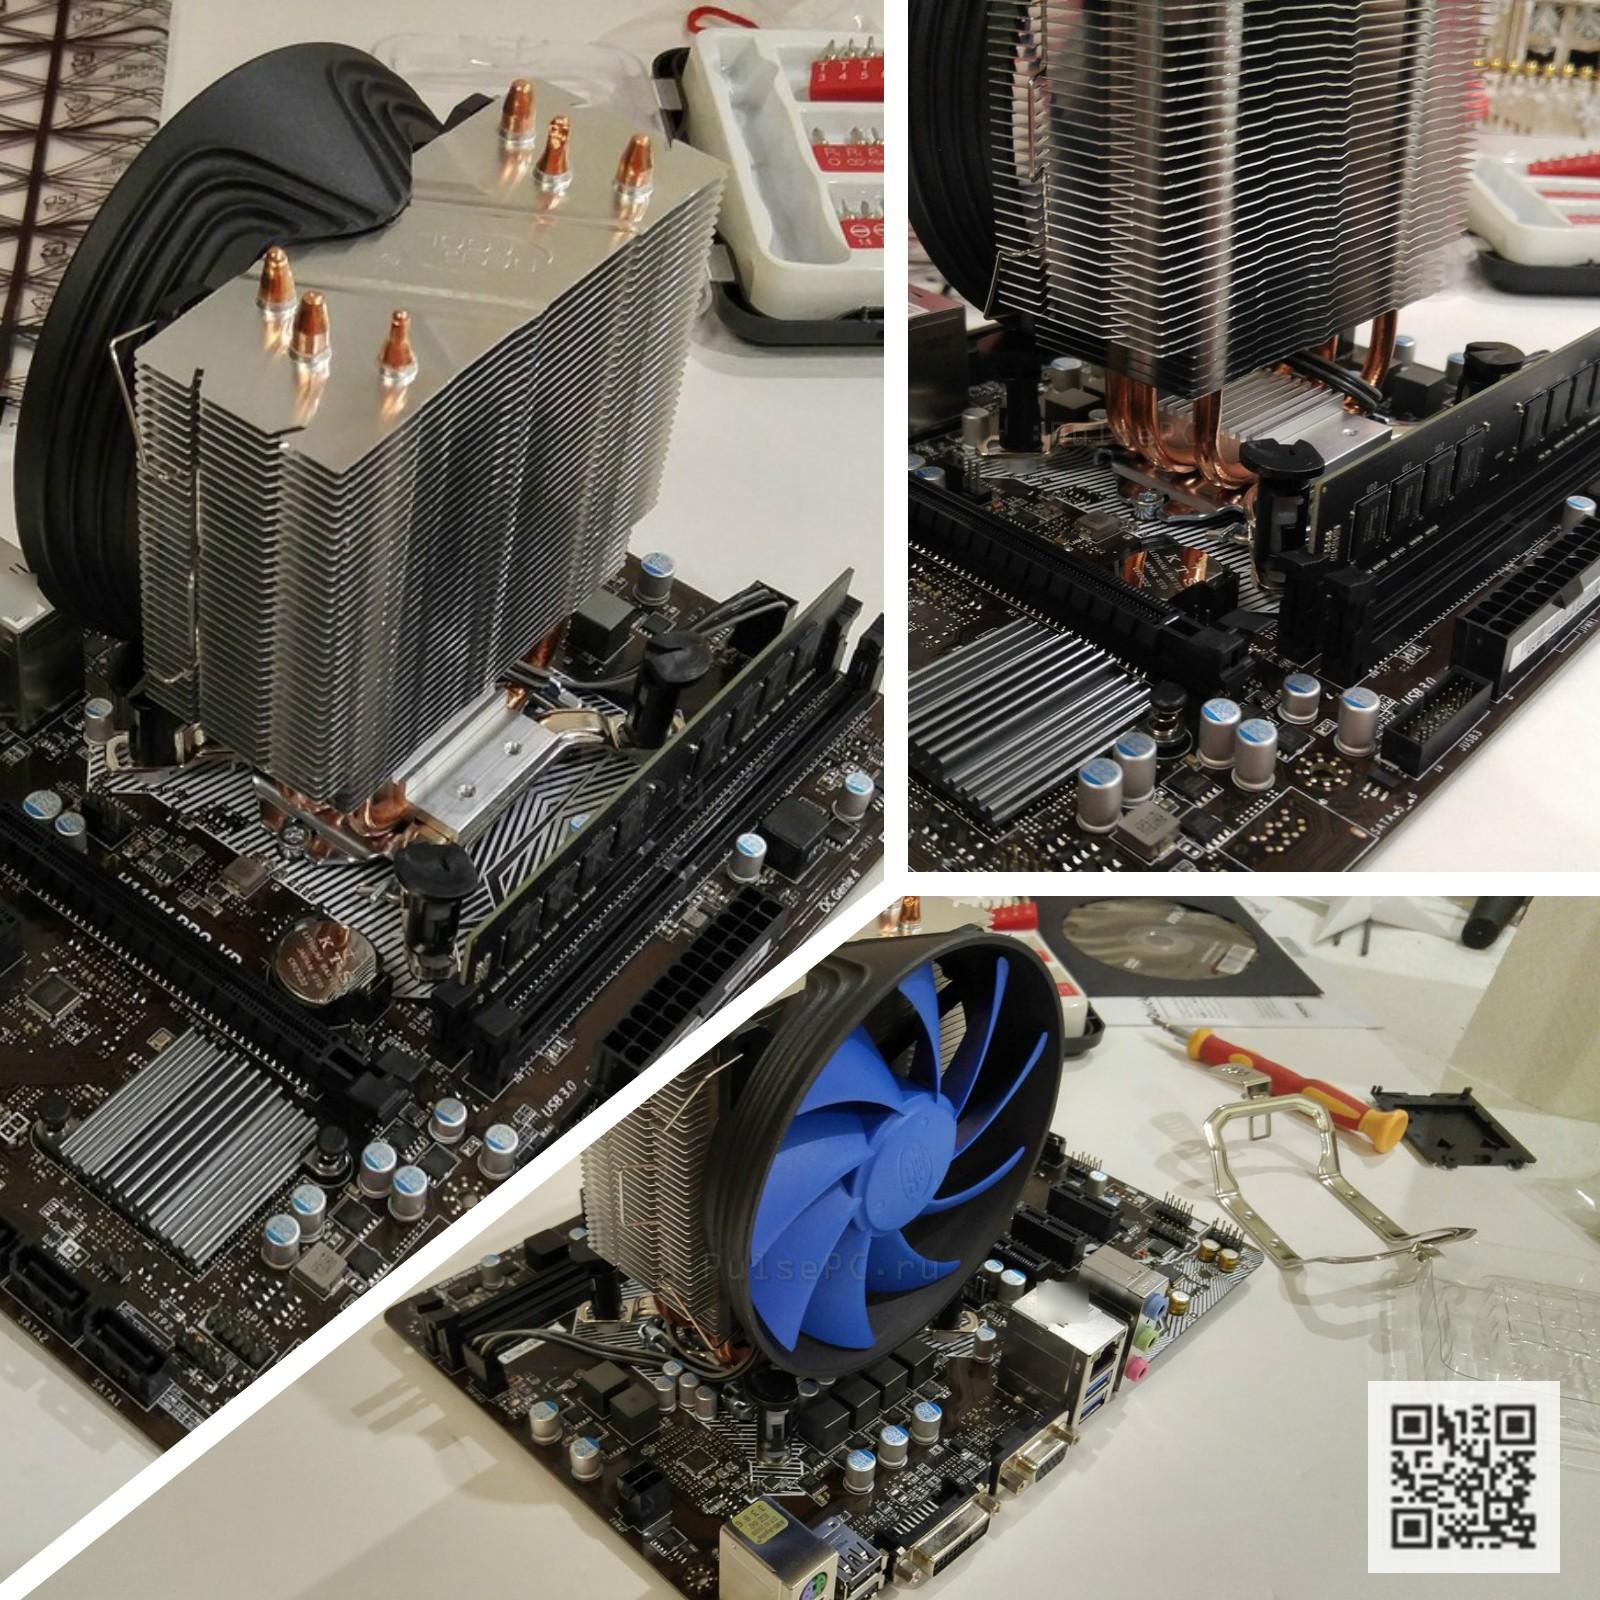 Кулер Deepcool Gammaxx 300 неправильная установка